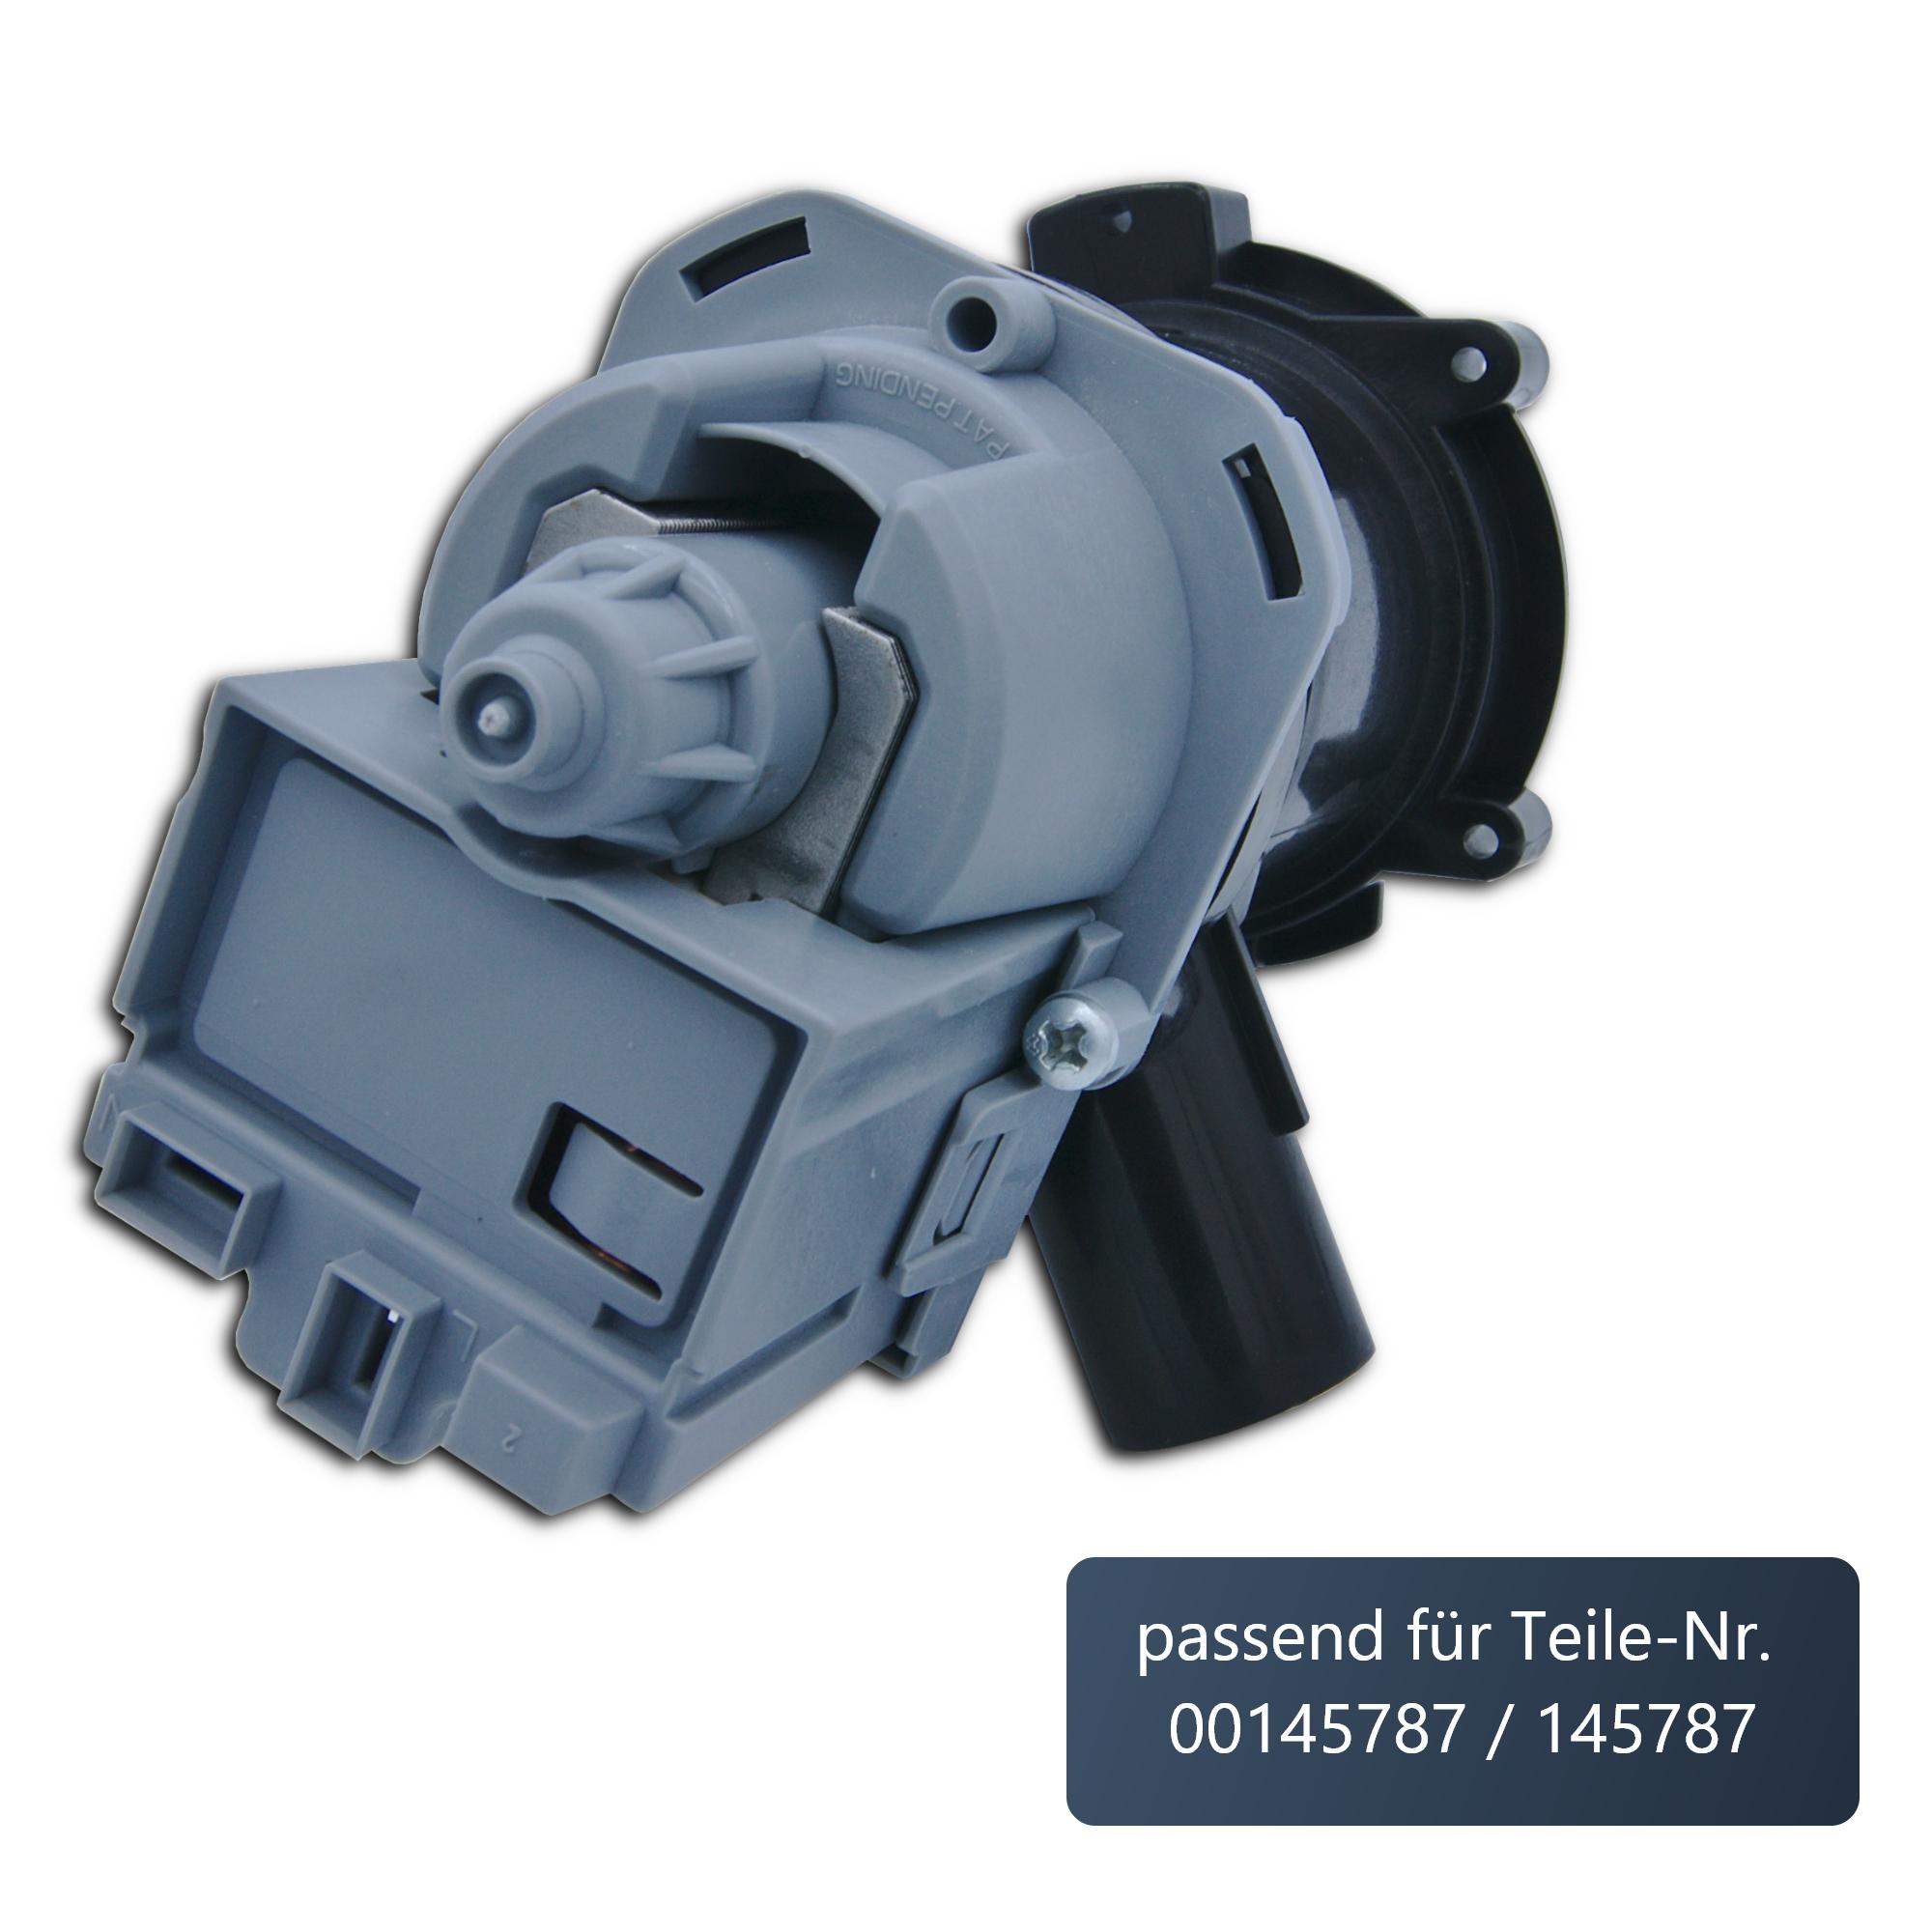 ersatzteilshop basics Laugenpumpe/Pumpe/Ablaufpumpe für diverse Waschmaschinen von Bosch/Siemens/Constructa | passend wie 00145787/145787